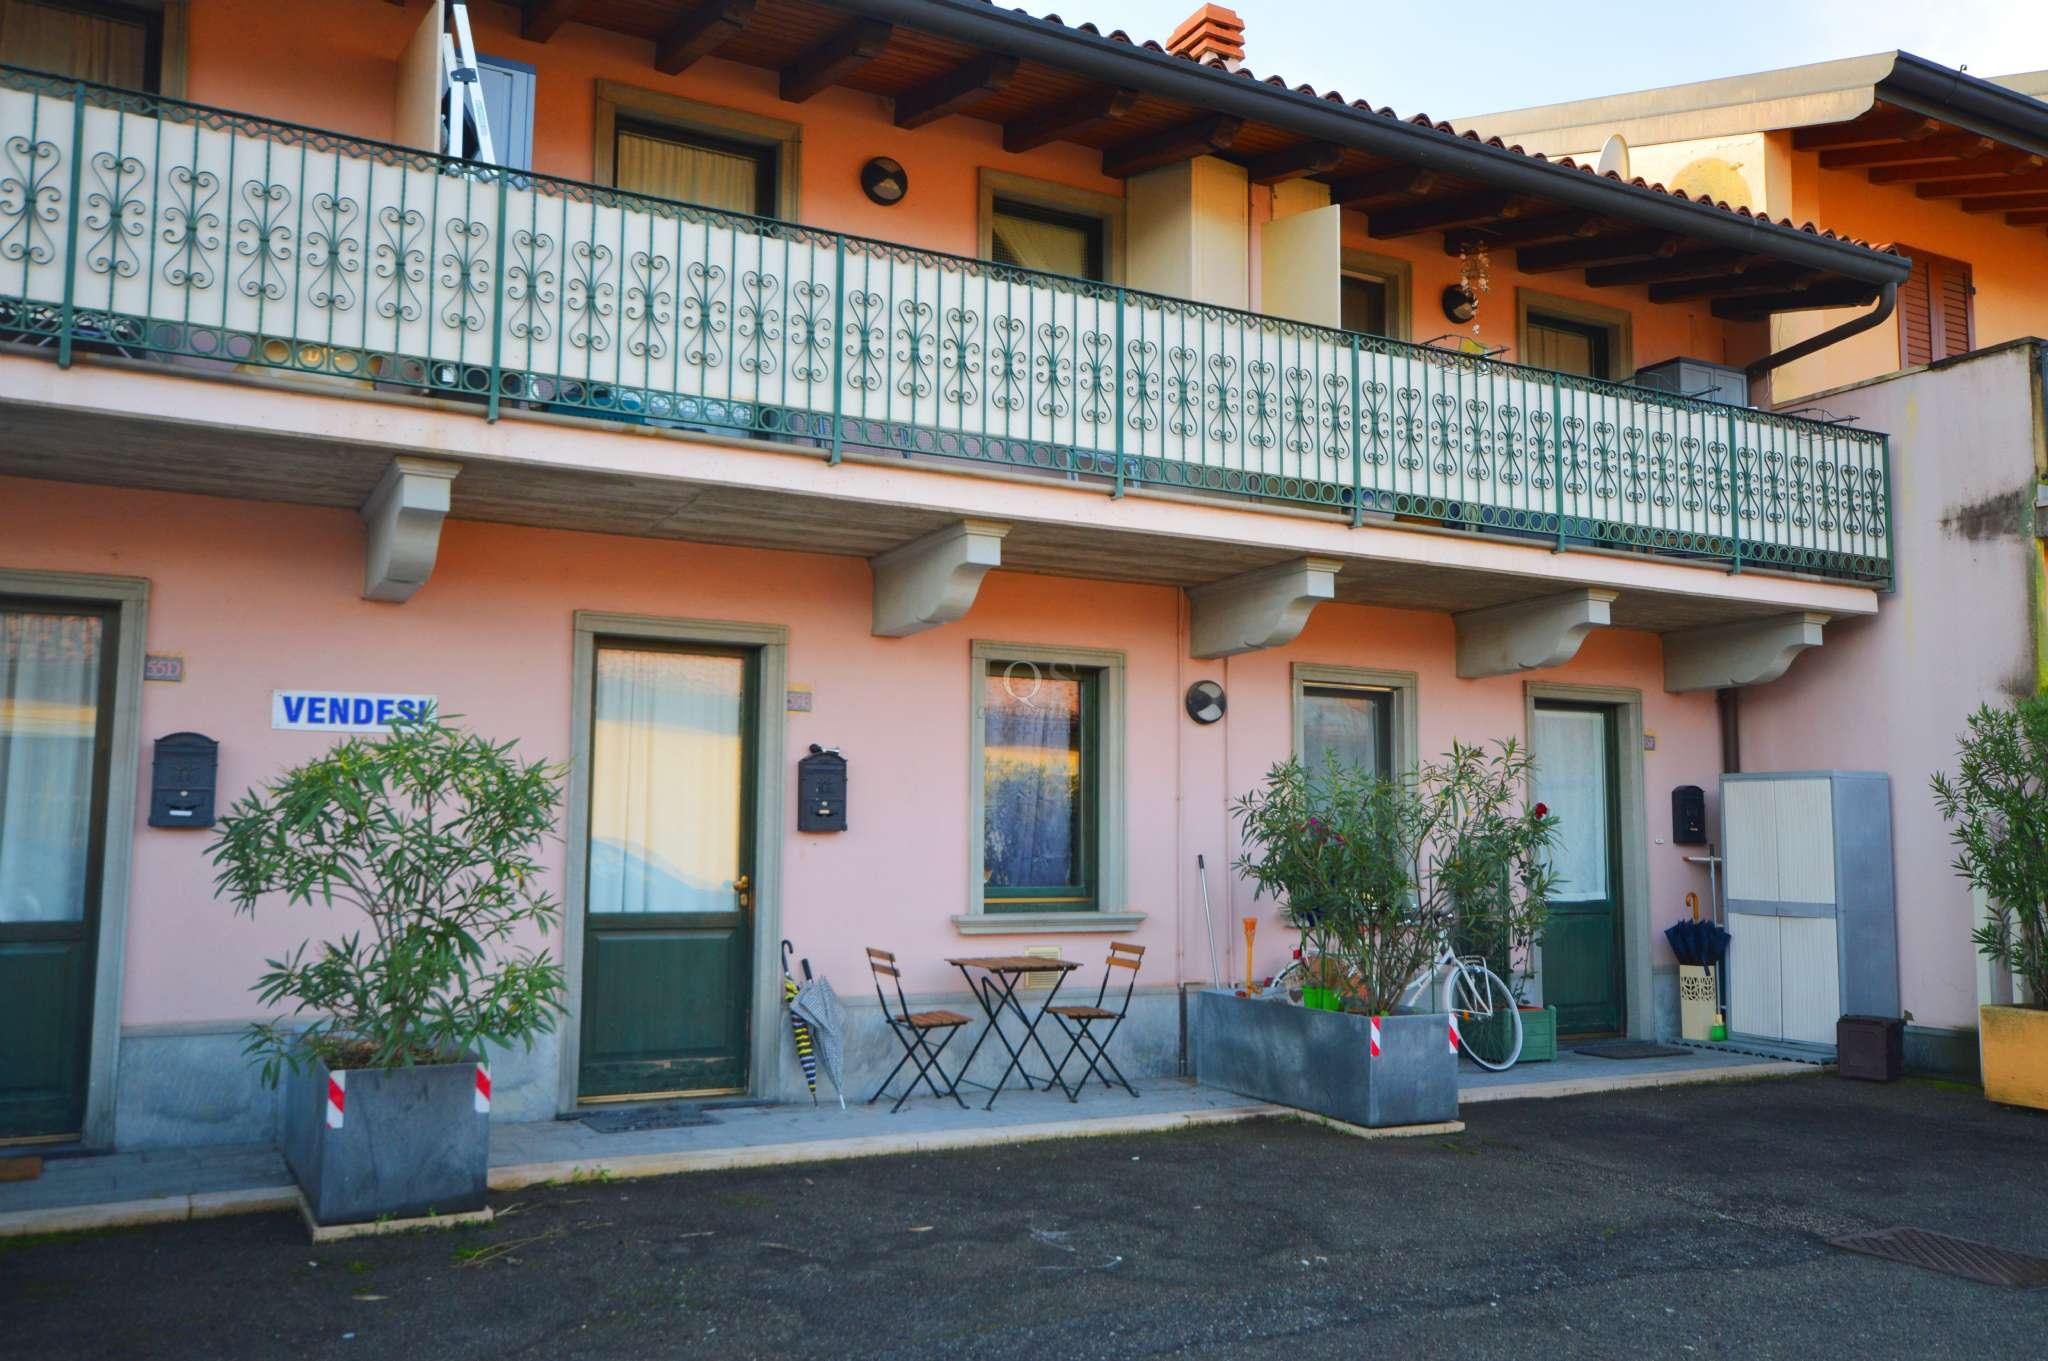 Appartamento in vendita a Paratico, 2 locali, prezzo € 115.000 | PortaleAgenzieImmobiliari.it